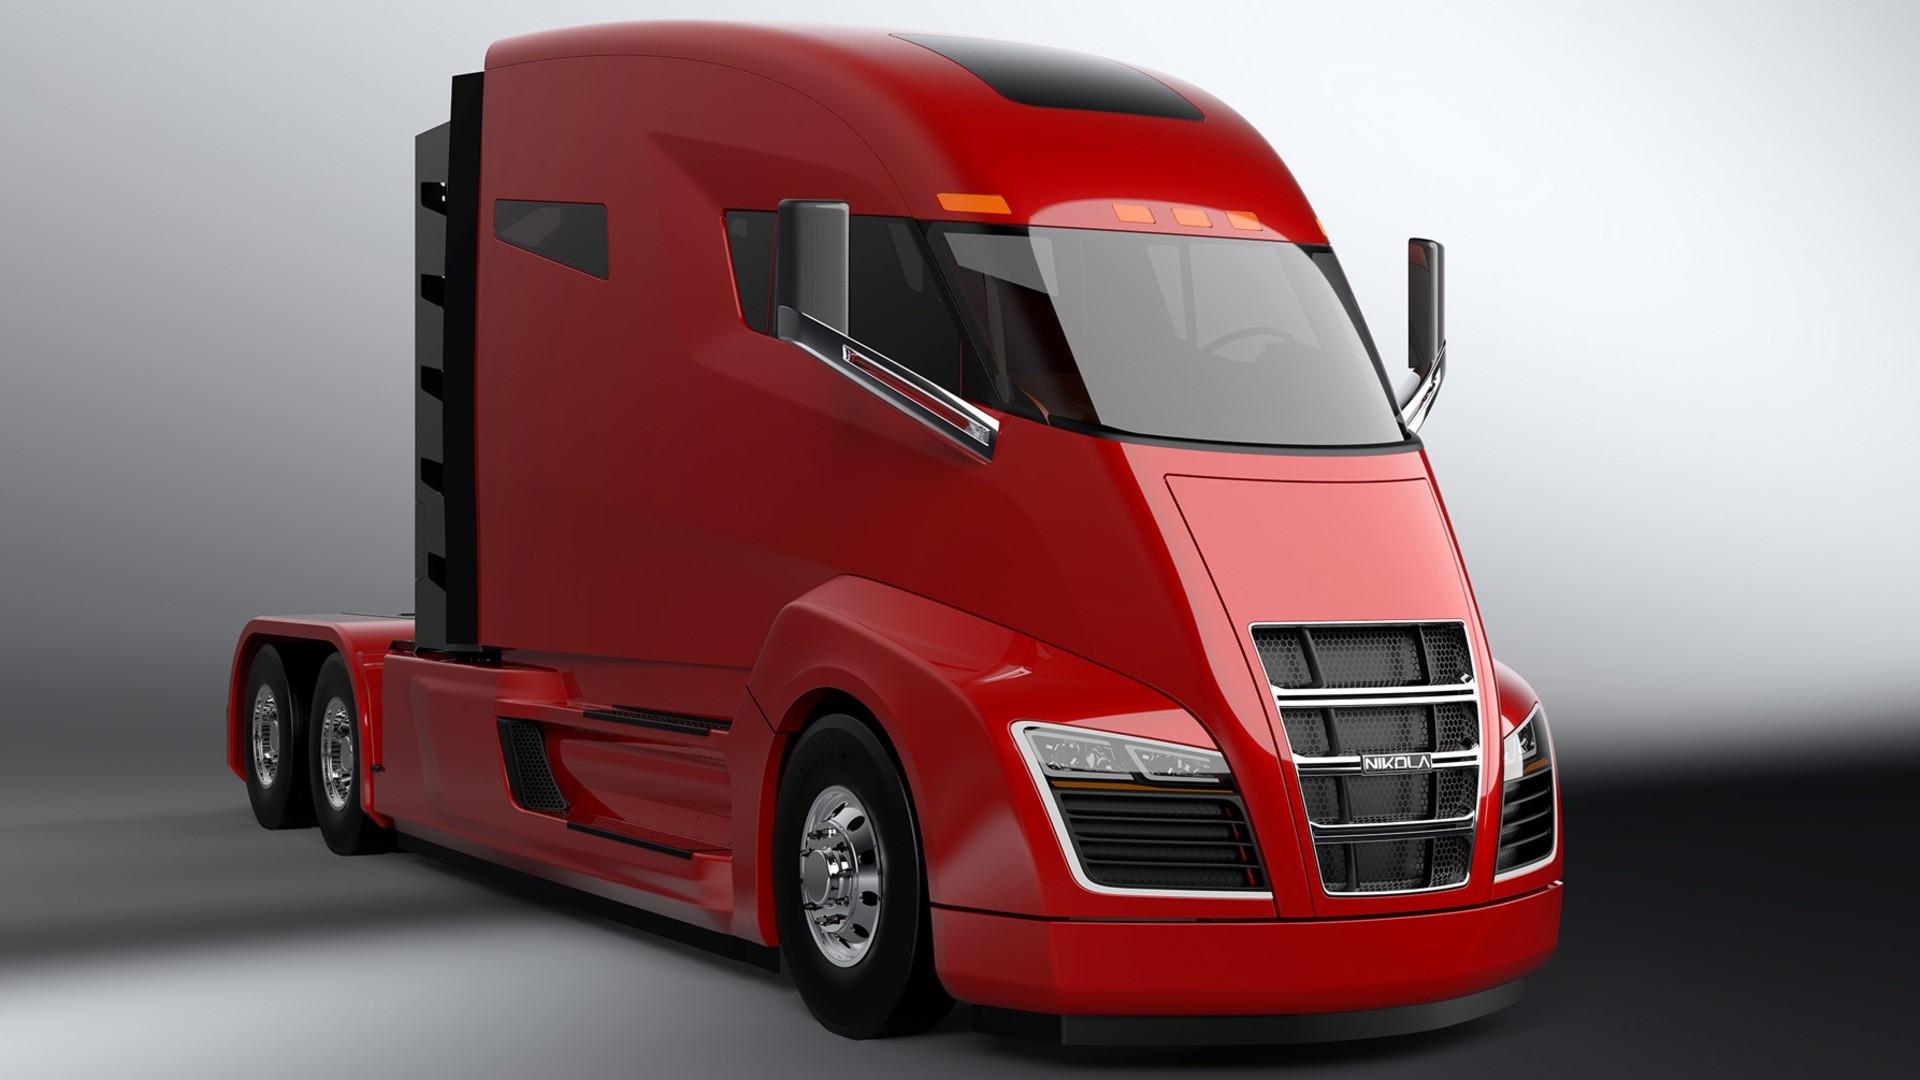 Nikola hybrid truck duvar kağıtları